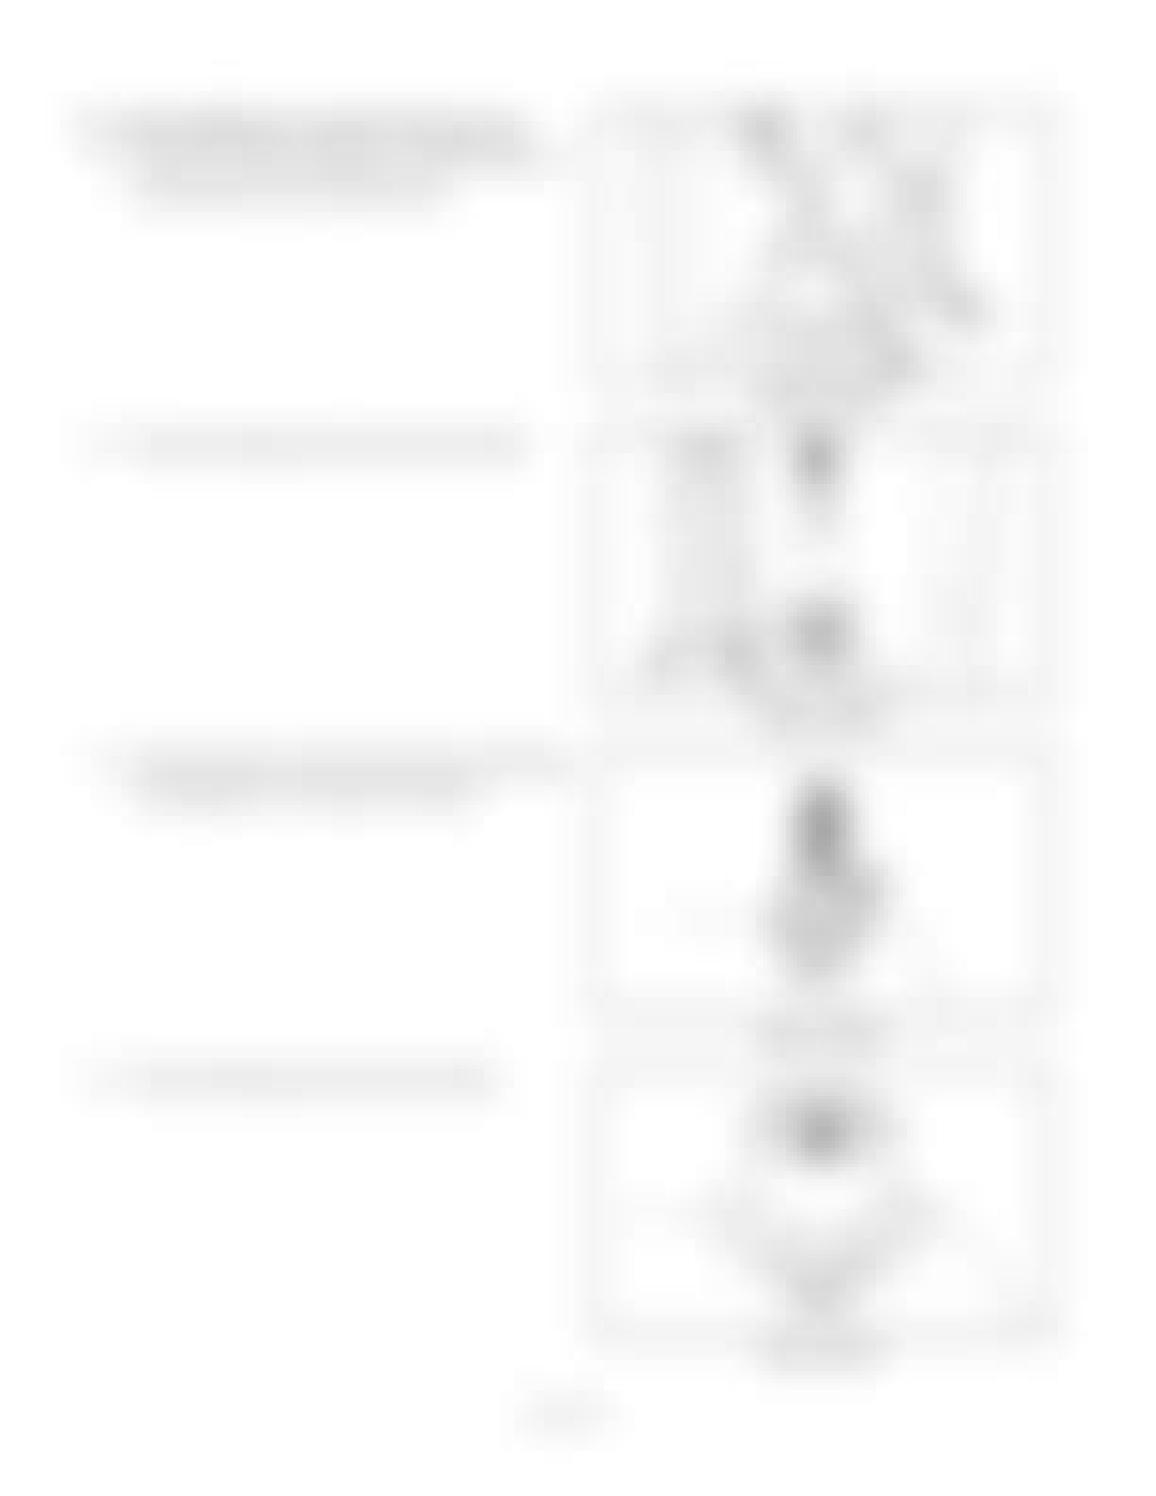 Hitachi LX110-7 LX130-7 LX160-7 LX190-7 LX230-7 Wheel Loader Workshop Manual - PDF DOWNLOAD page 168